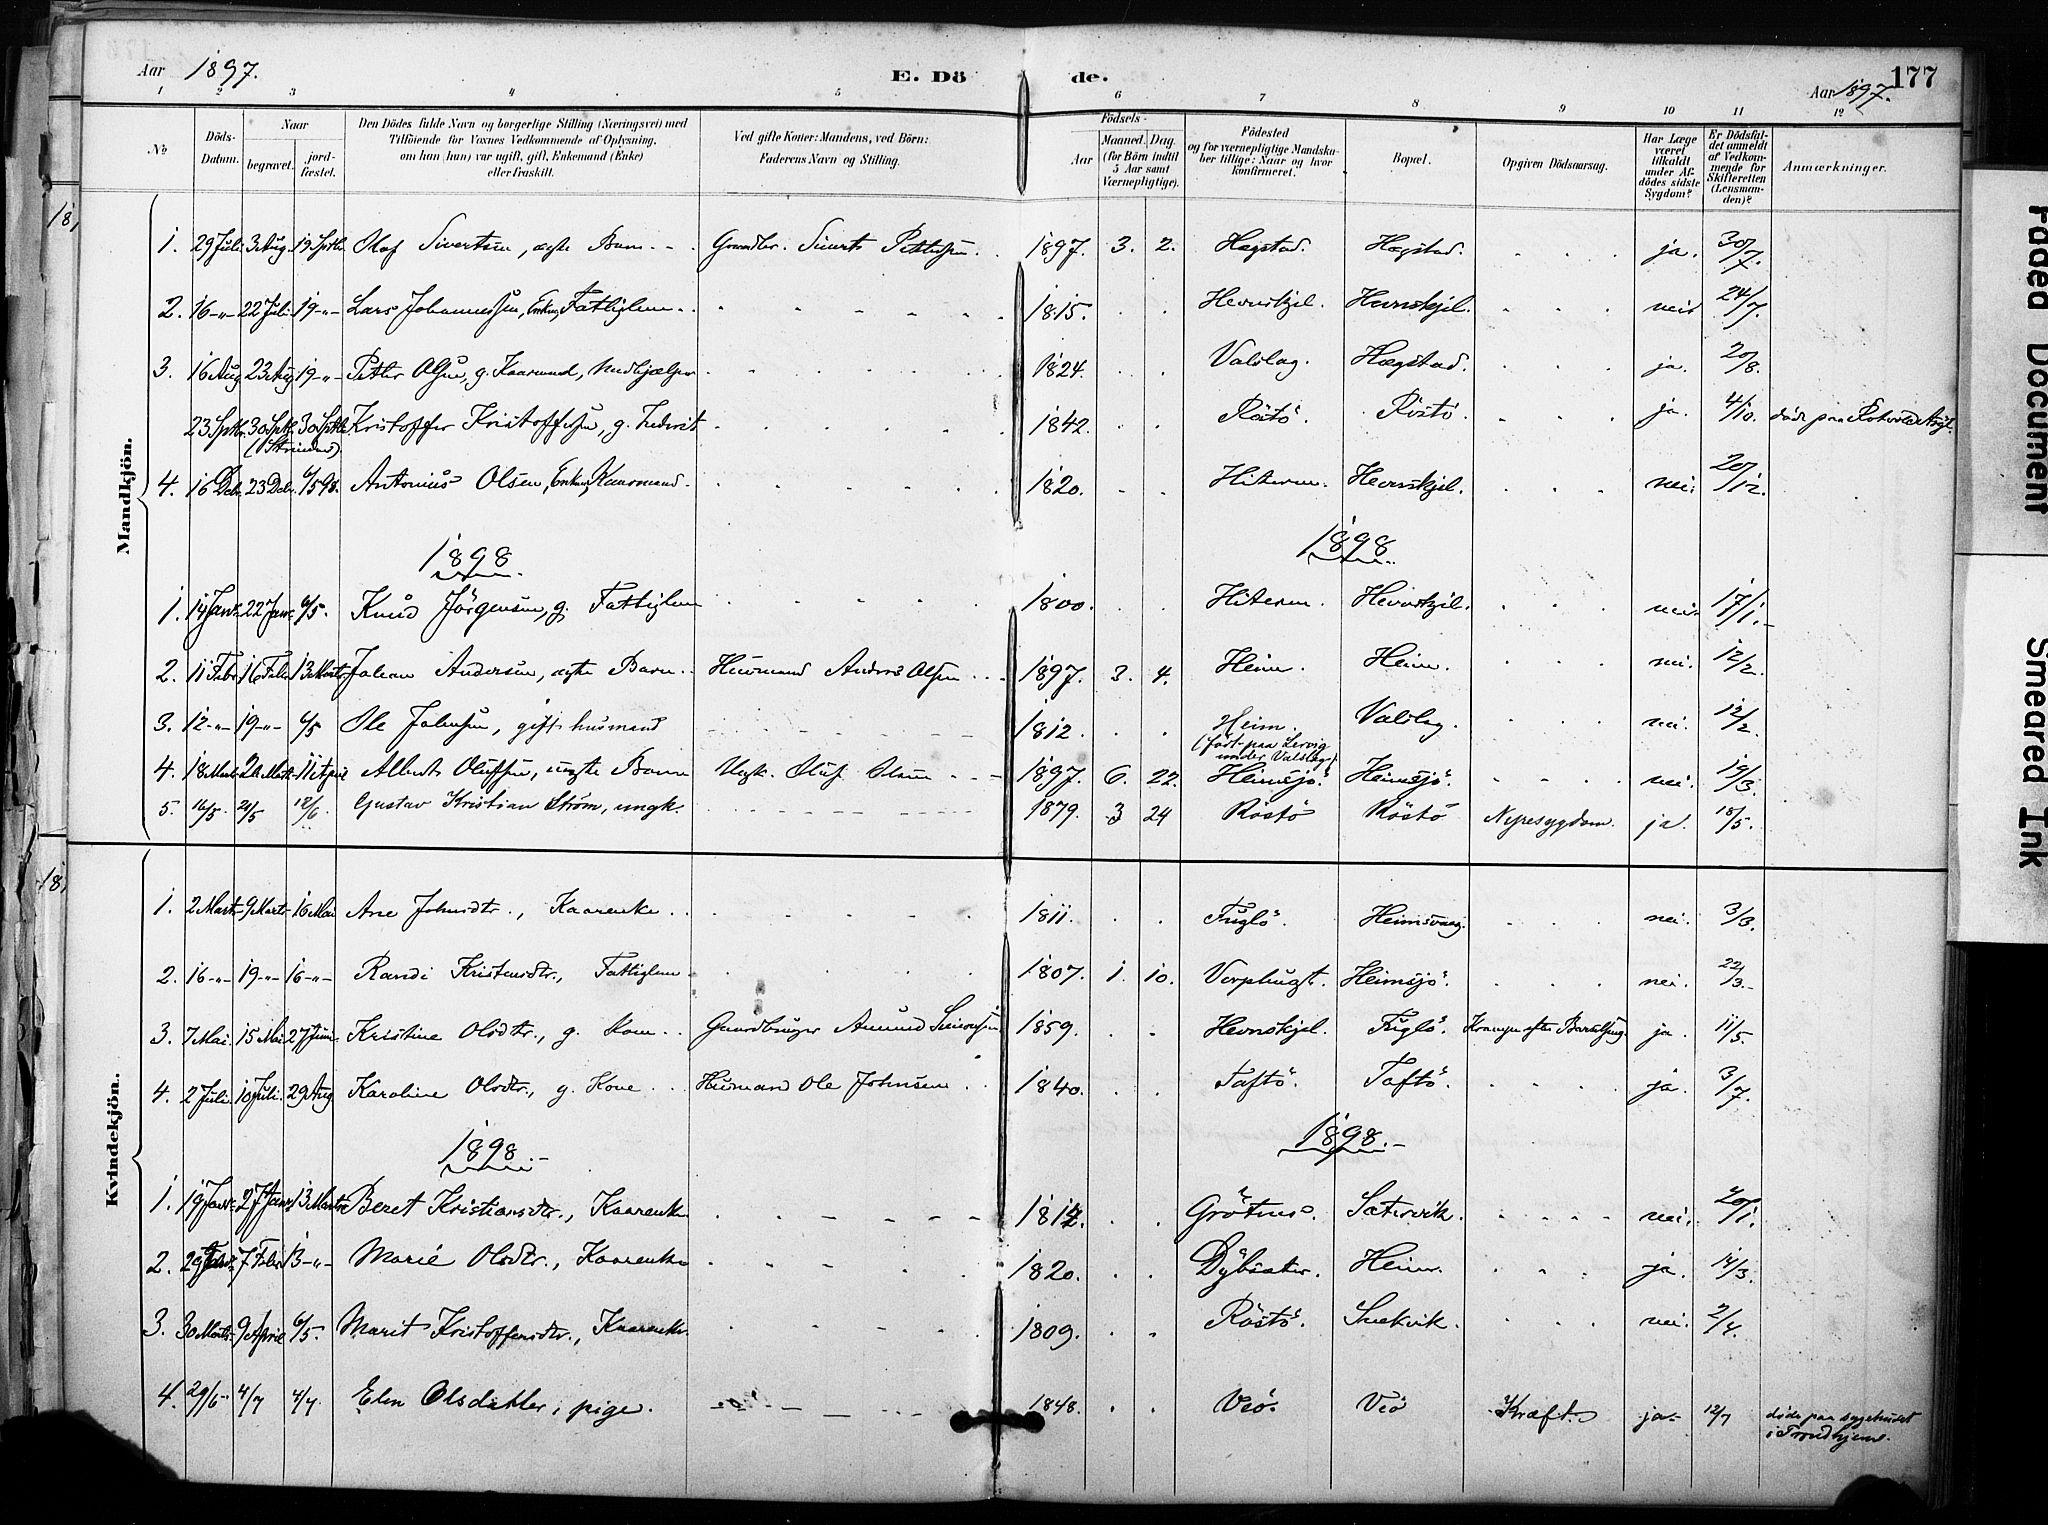 SAT, Ministerialprotokoller, klokkerbøker og fødselsregistre - Sør-Trøndelag, 633/L0518: Ministerialbok nr. 633A01, 1884-1906, s. 177